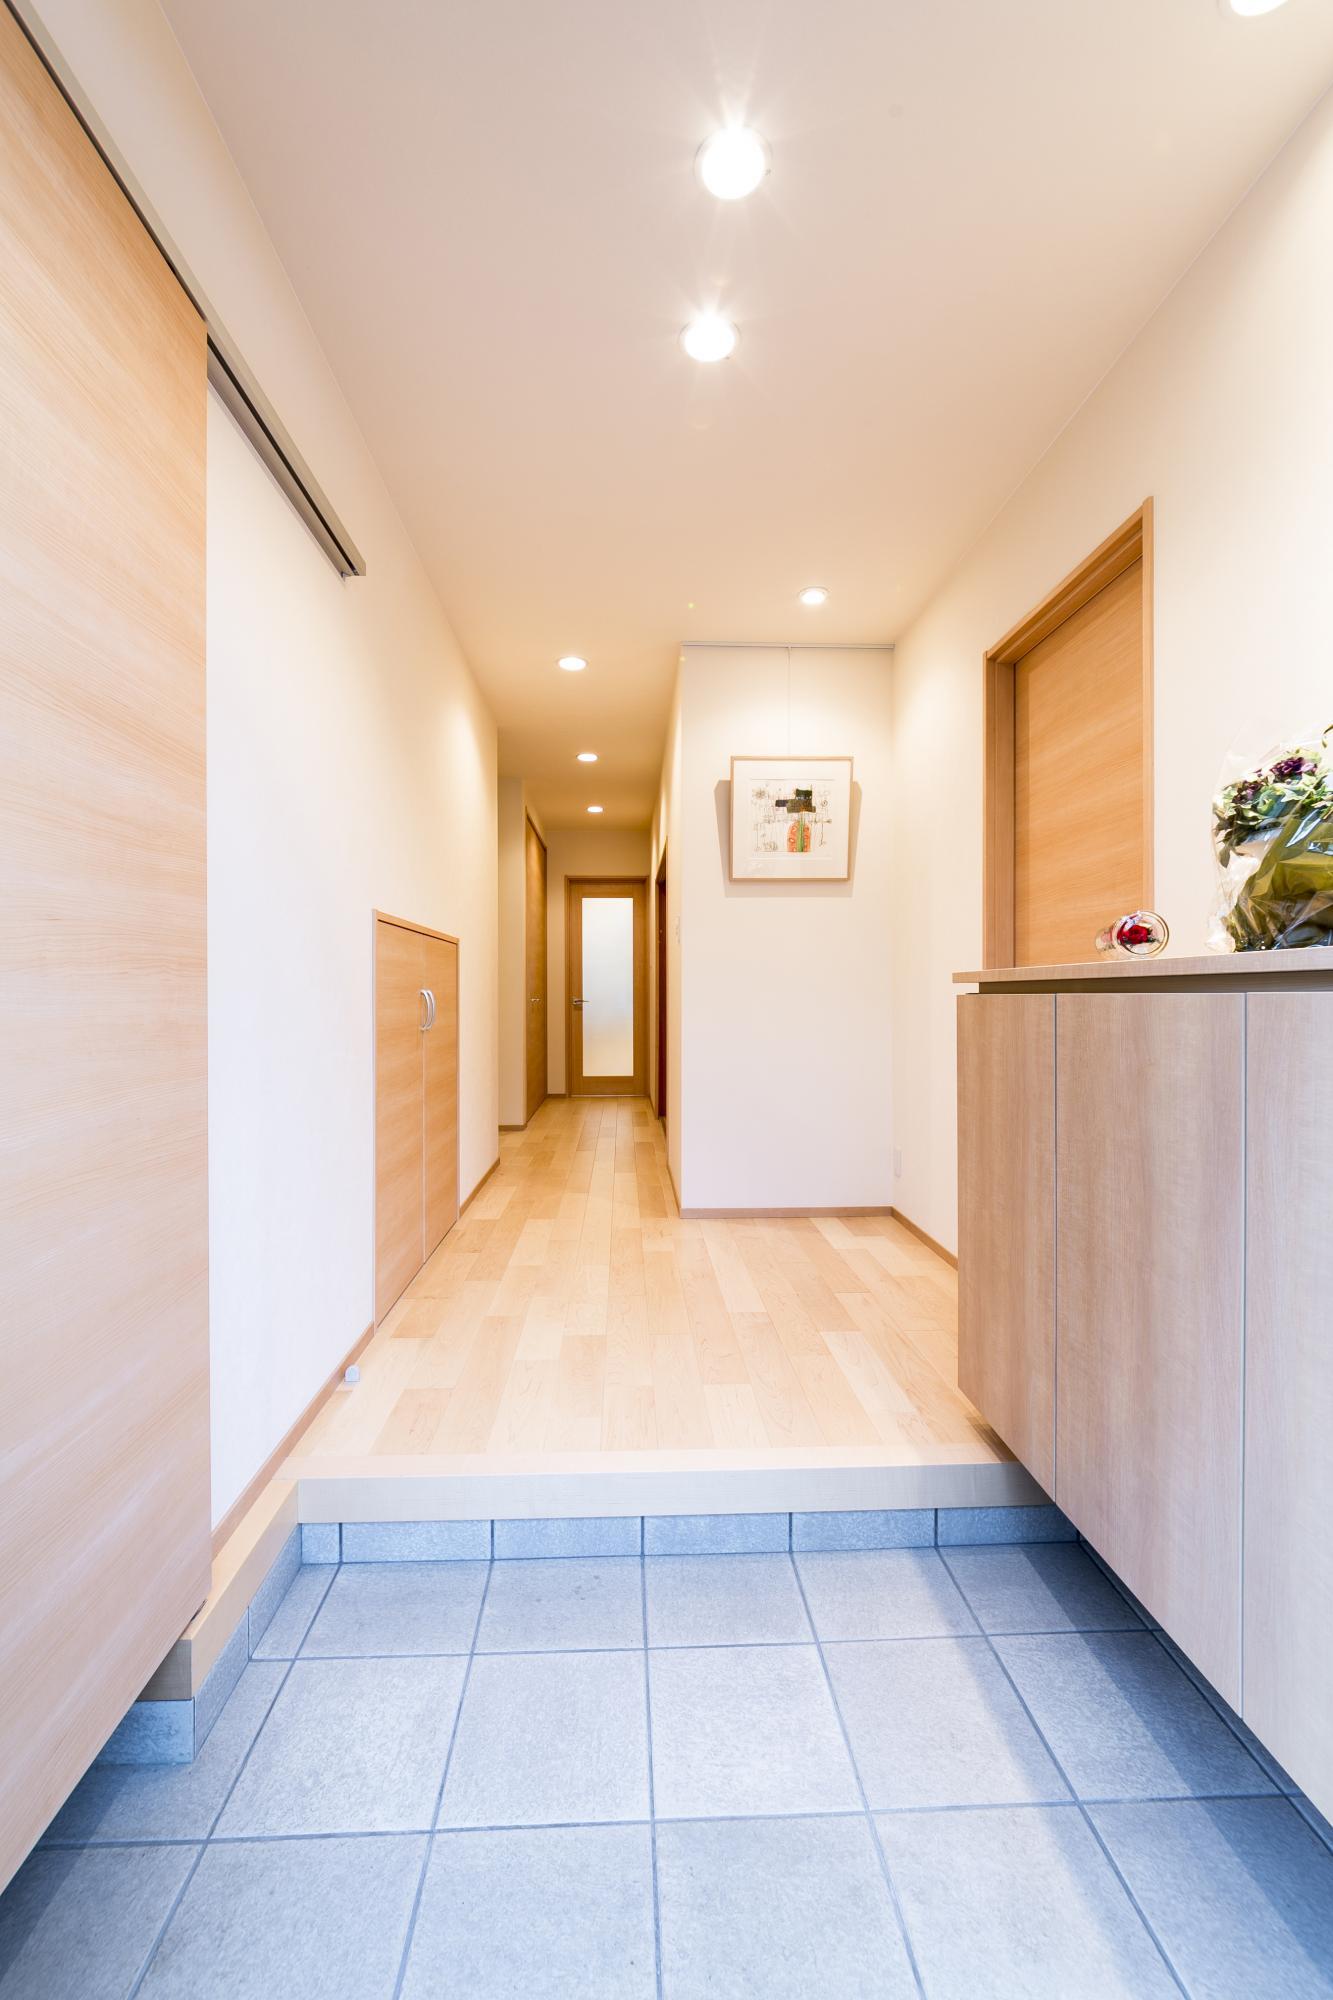 玄関は位置を変えて新設した。左手の戸をスライドさせると土間続きでエントランスクロークがある。